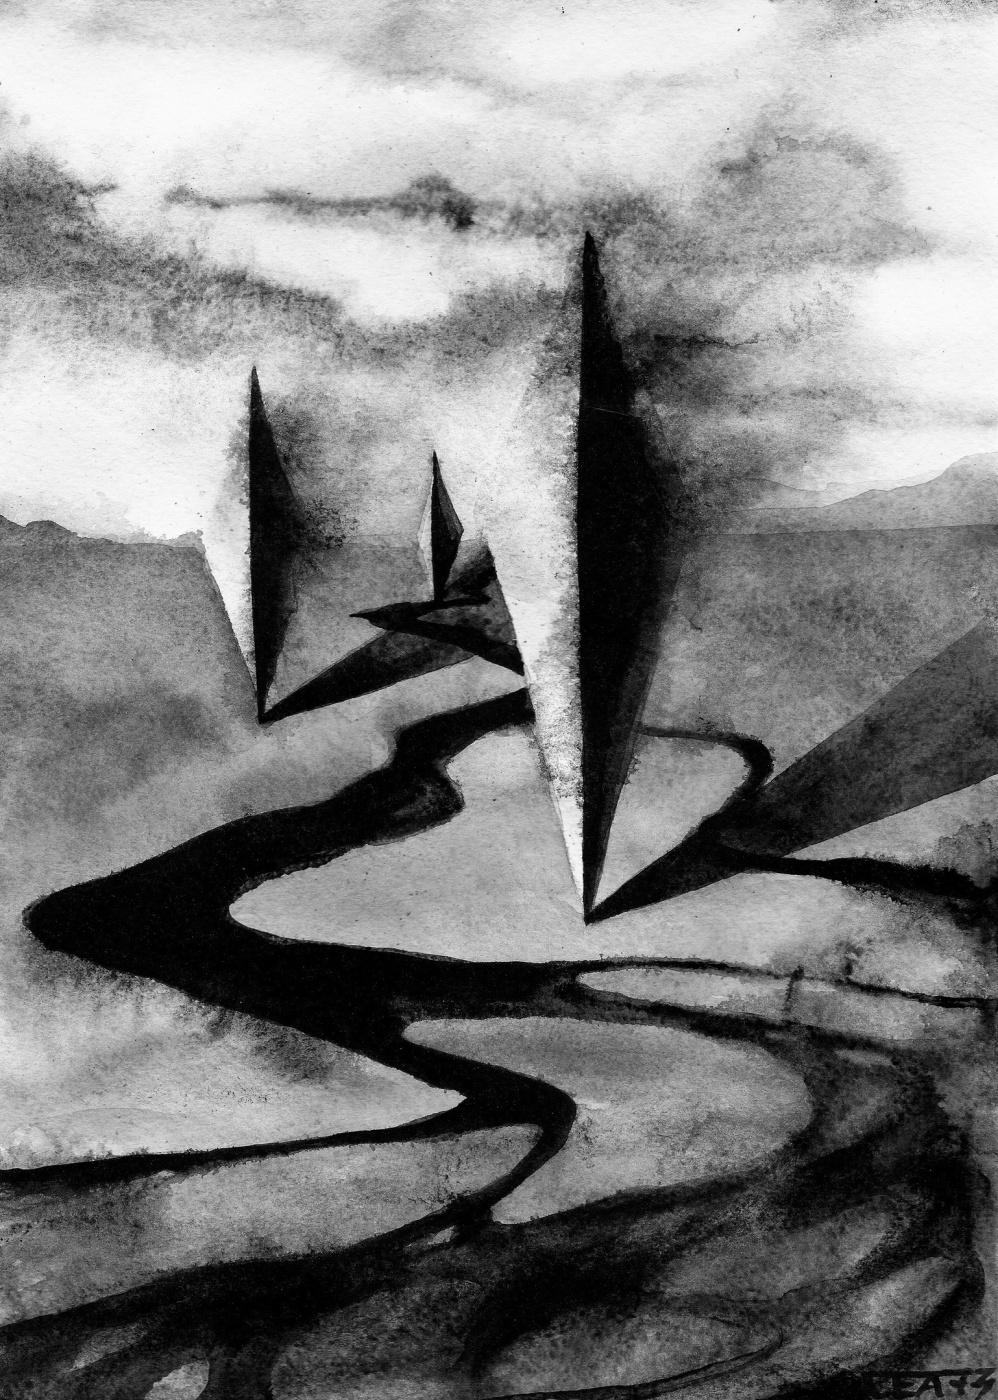 CEA 73. Unidentified geometric objects / Sketch